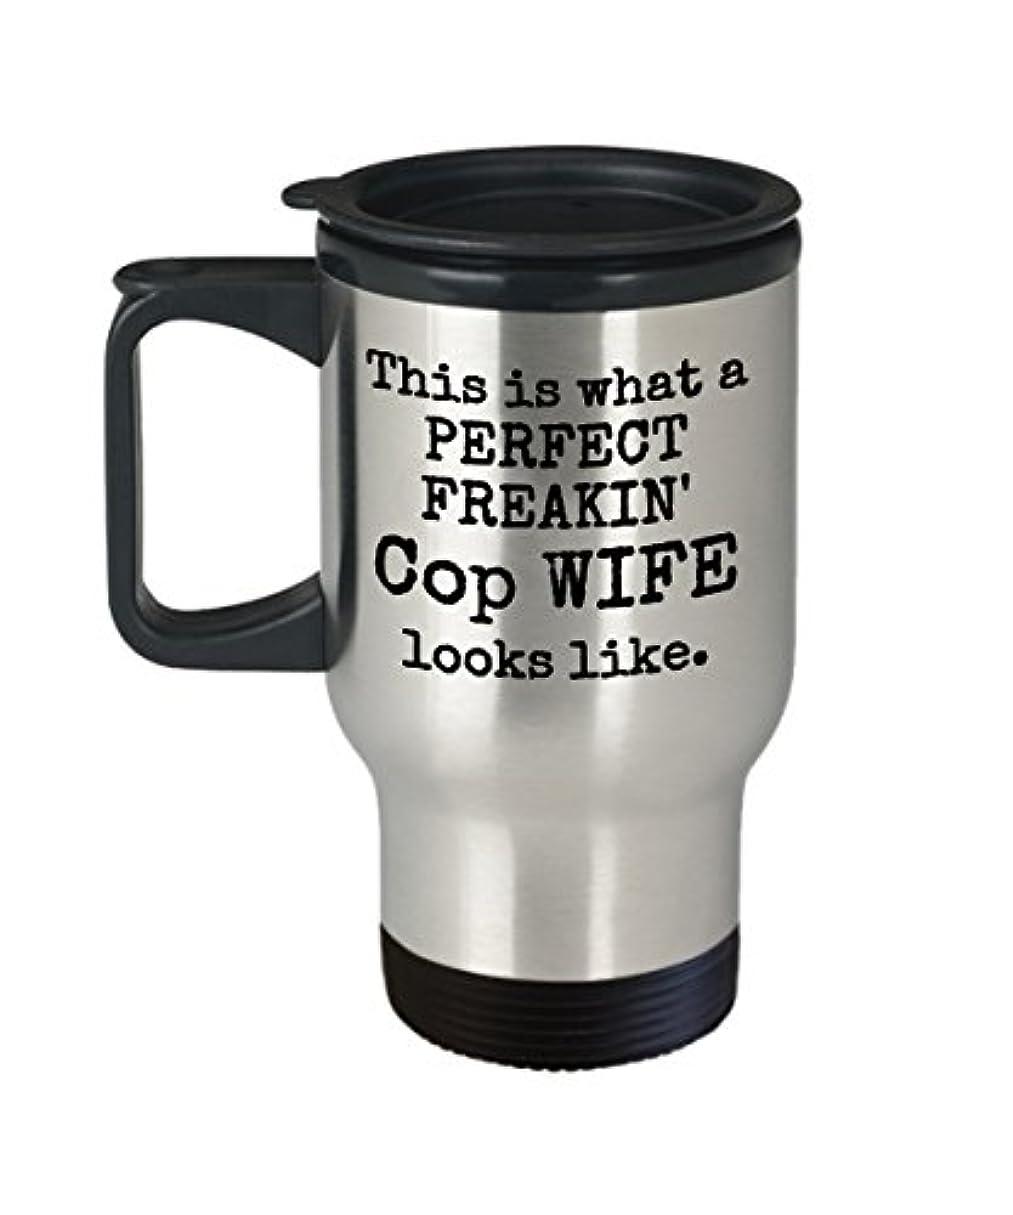 警戒綺麗な合図Cop妻旅行マグ – Perfect Freakin Looks Like – ギフトコーヒーカップ